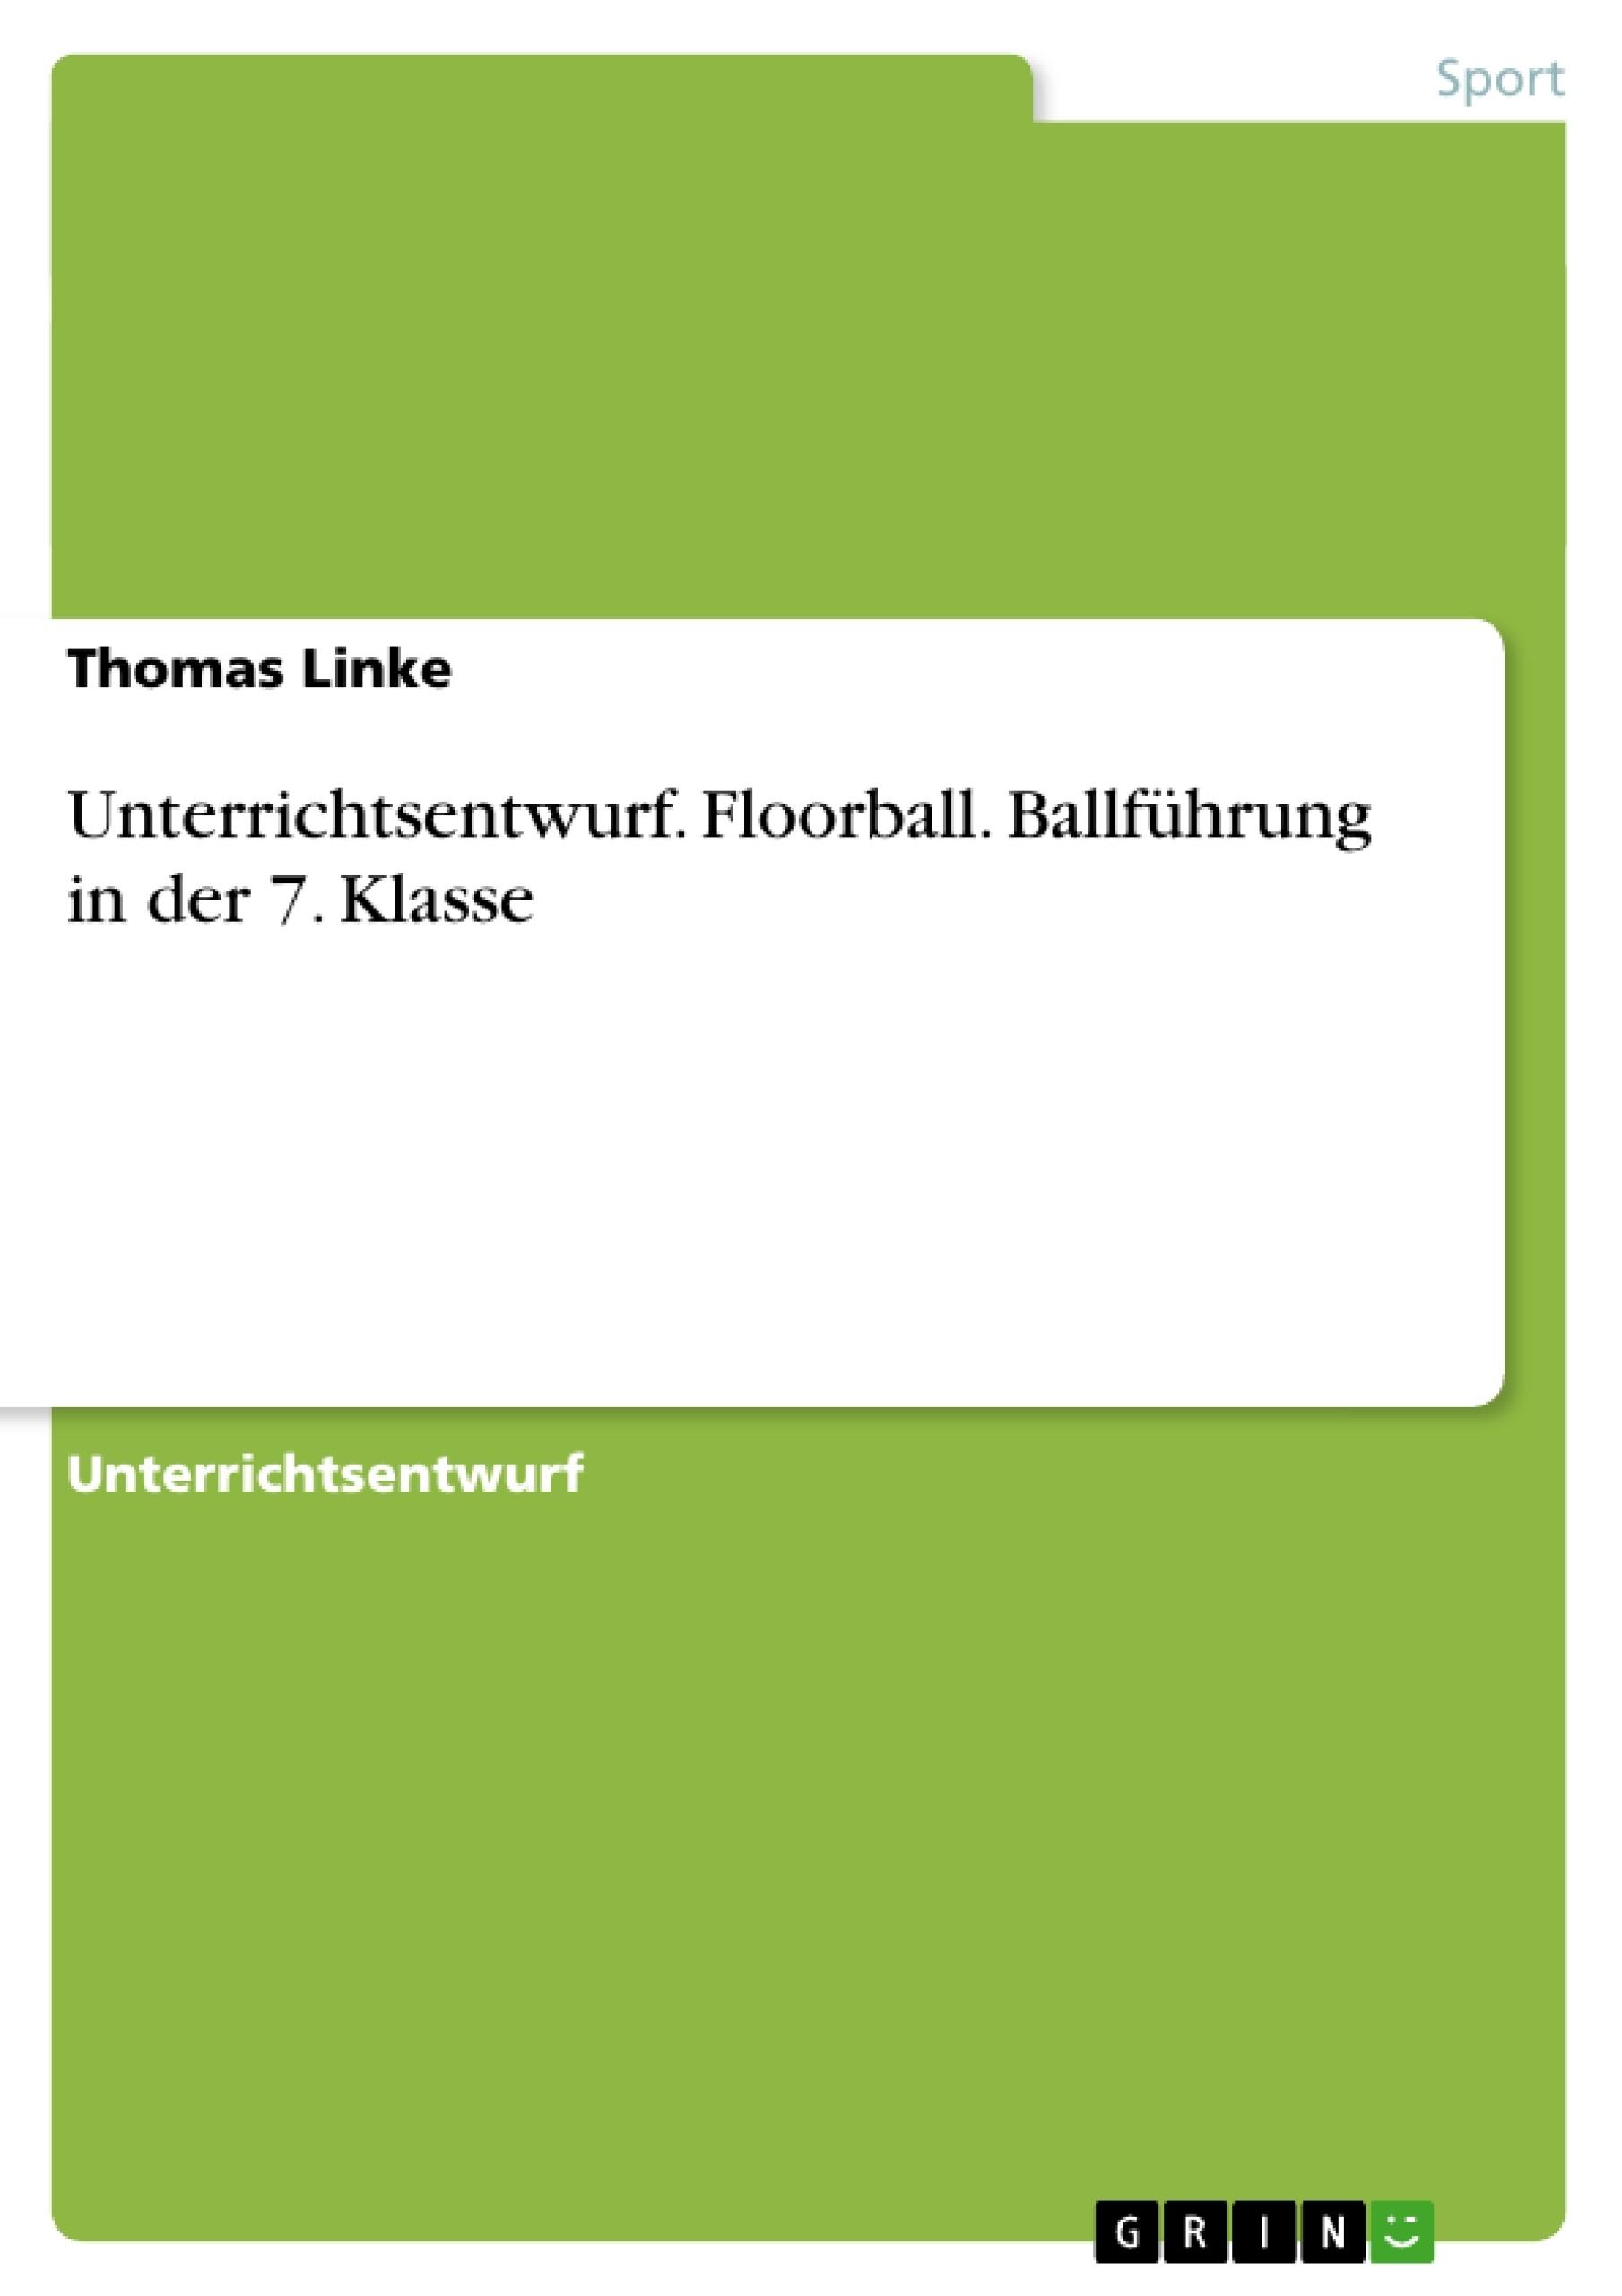 Titel: Unterrichtsentwurf. Floorball. Ballführung in der 7. Klasse